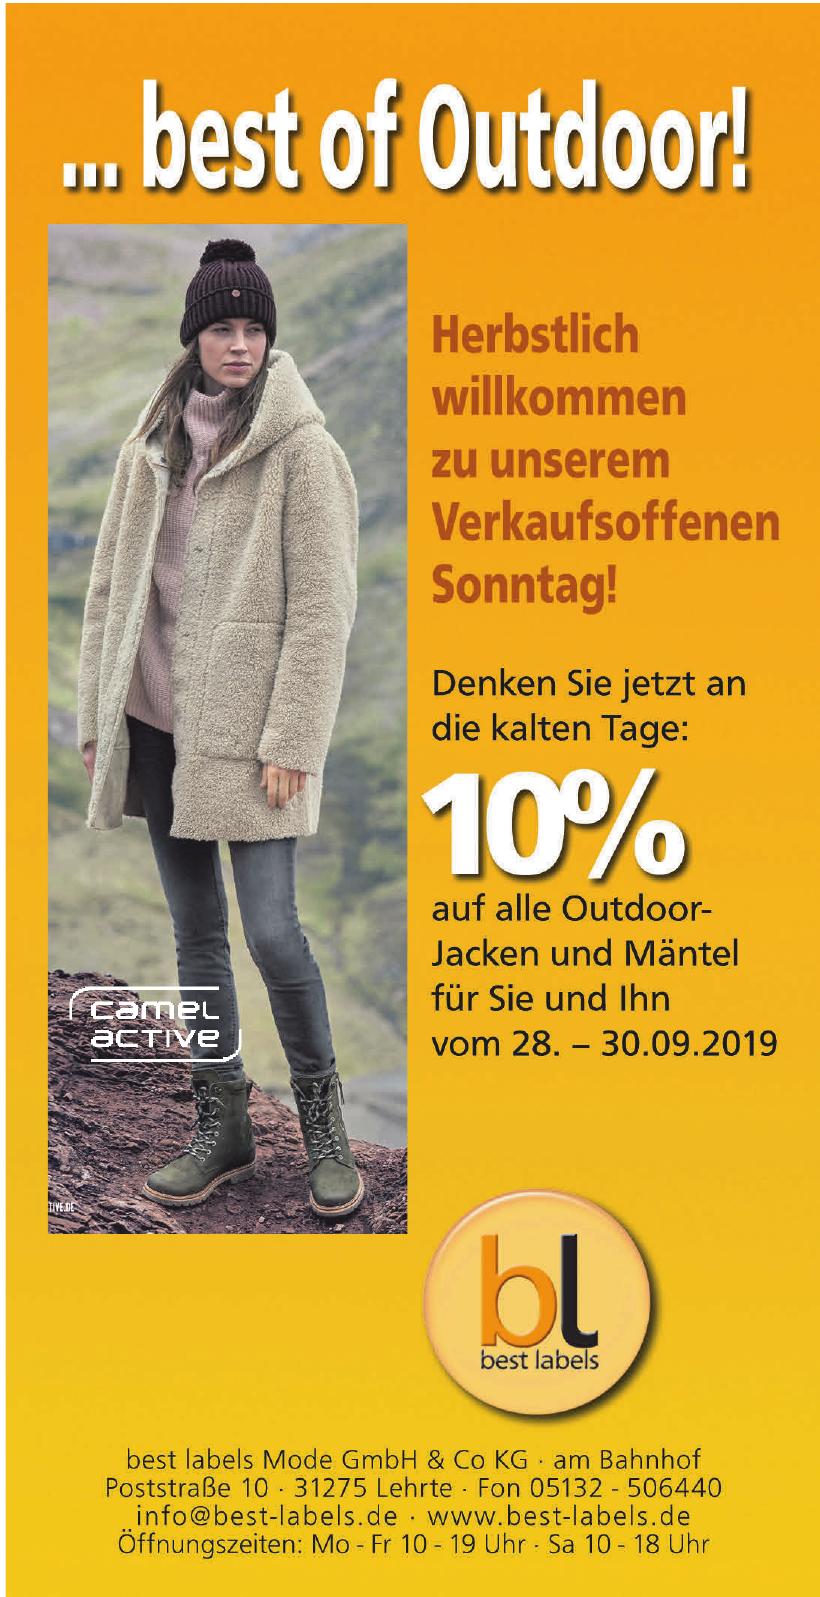 best labels Mode GmbH & Co. KG